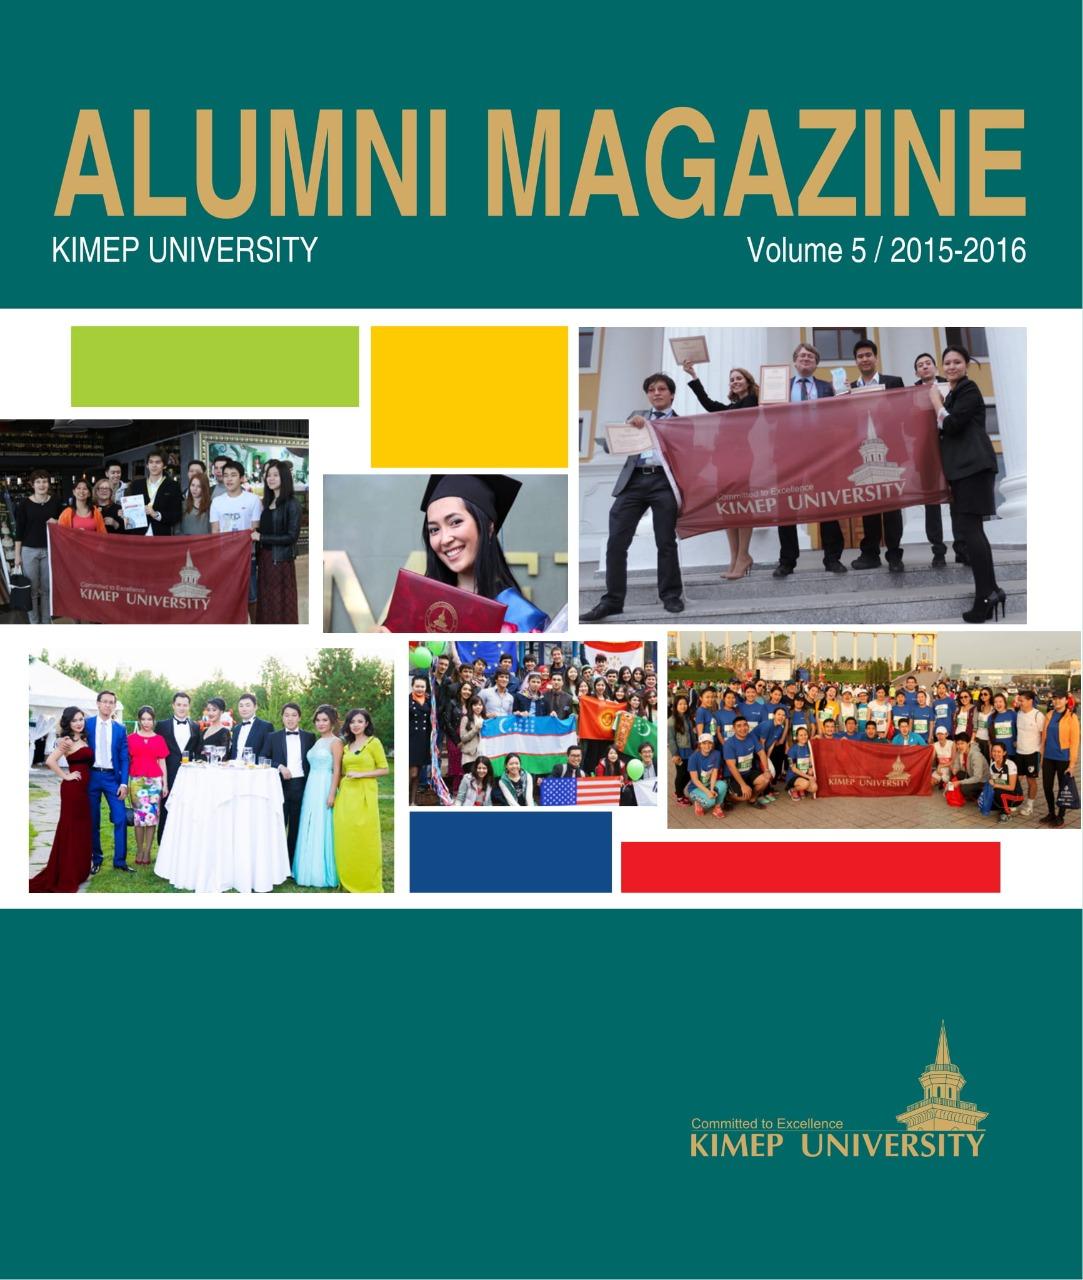 #5 Alumni mag 2015-2016